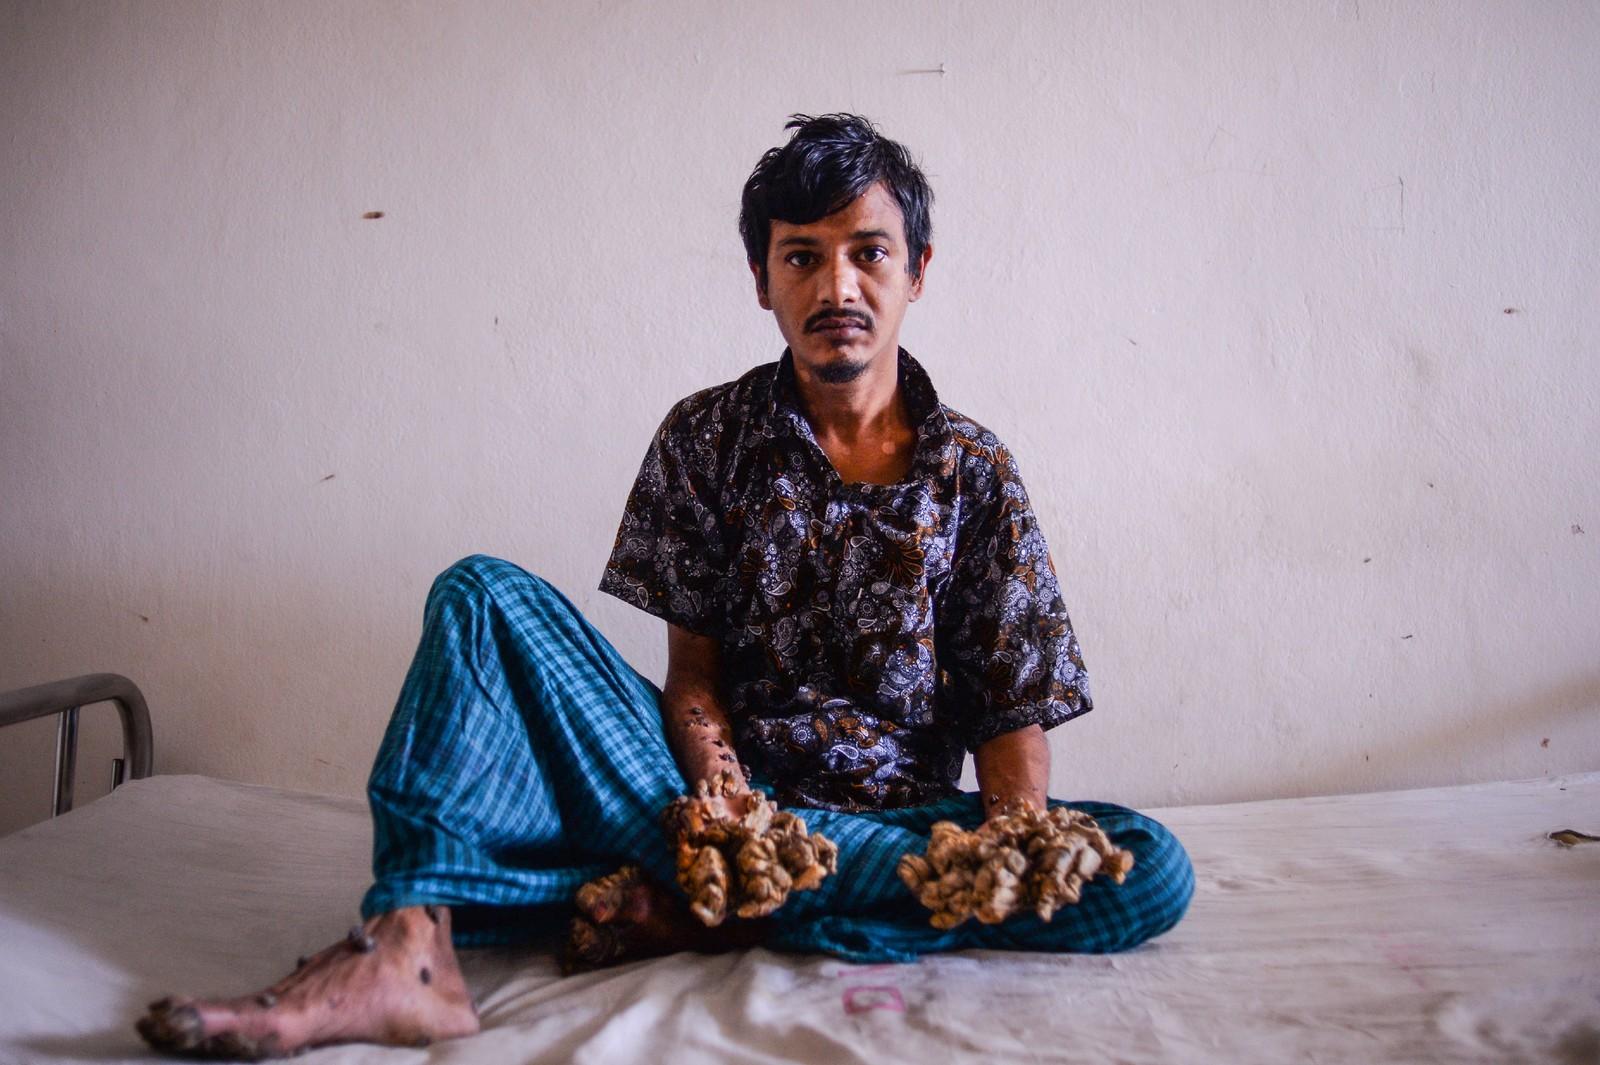 Abul Bajandar tem 28 anos e sofre de epidermodisplasia verrucosa, uma condição genética muito rara — Foto: Munir UZ ZAMAN / AFP